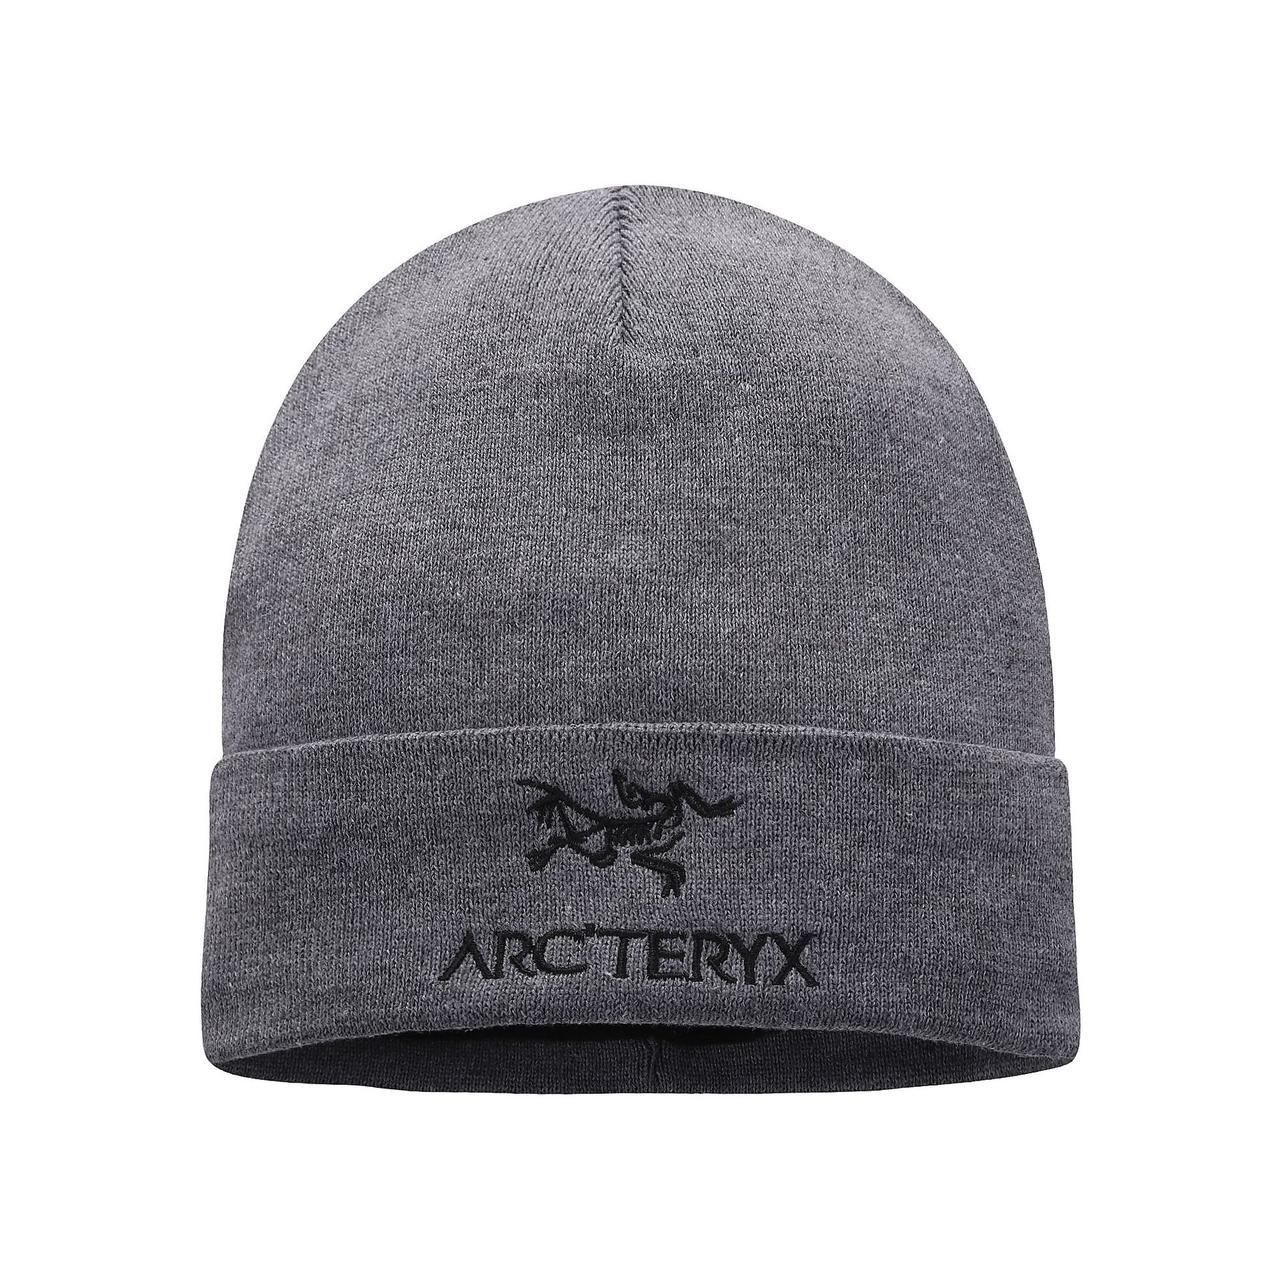 Шапка Arc'teryx для взрослых и подростков шапки арктерикс